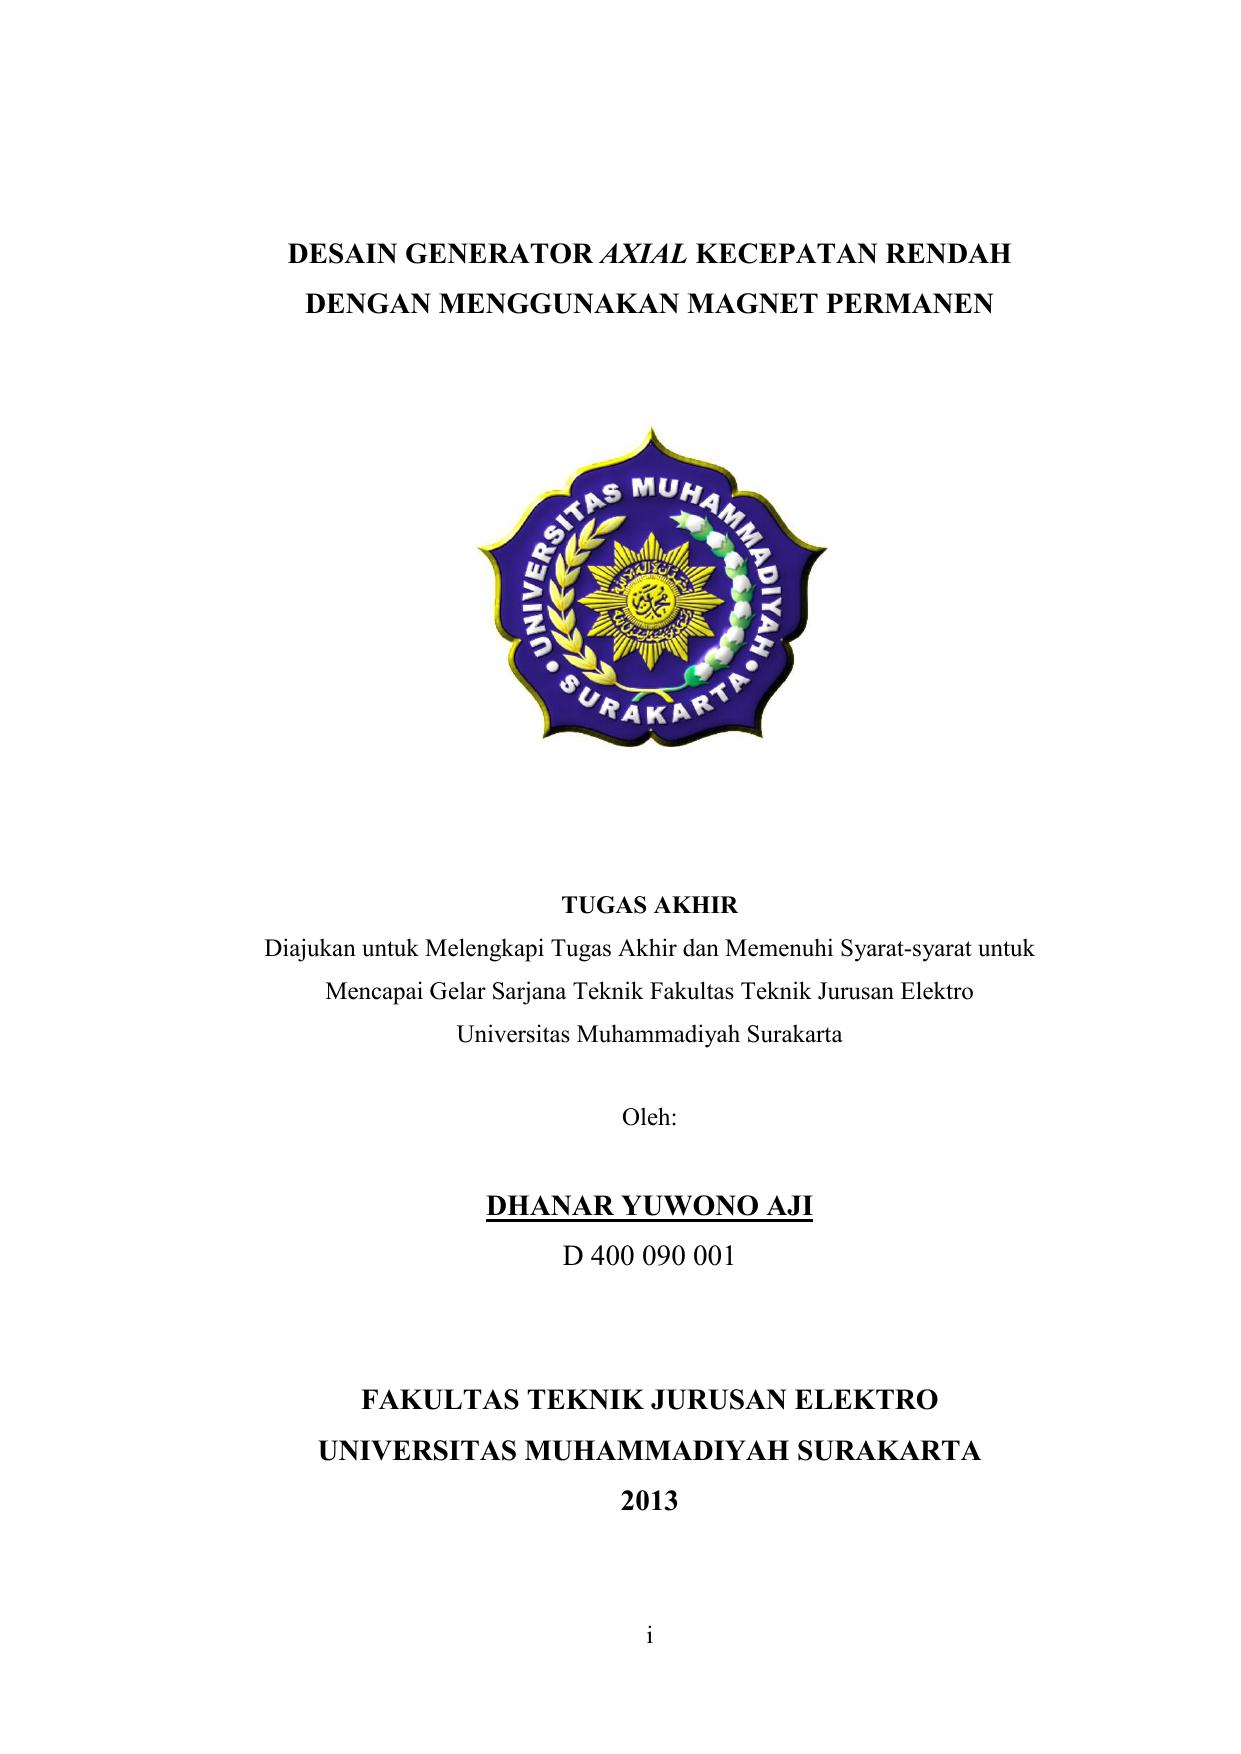 Proposal Tugas Akhir Universitas Muhammadiyah Surakarta